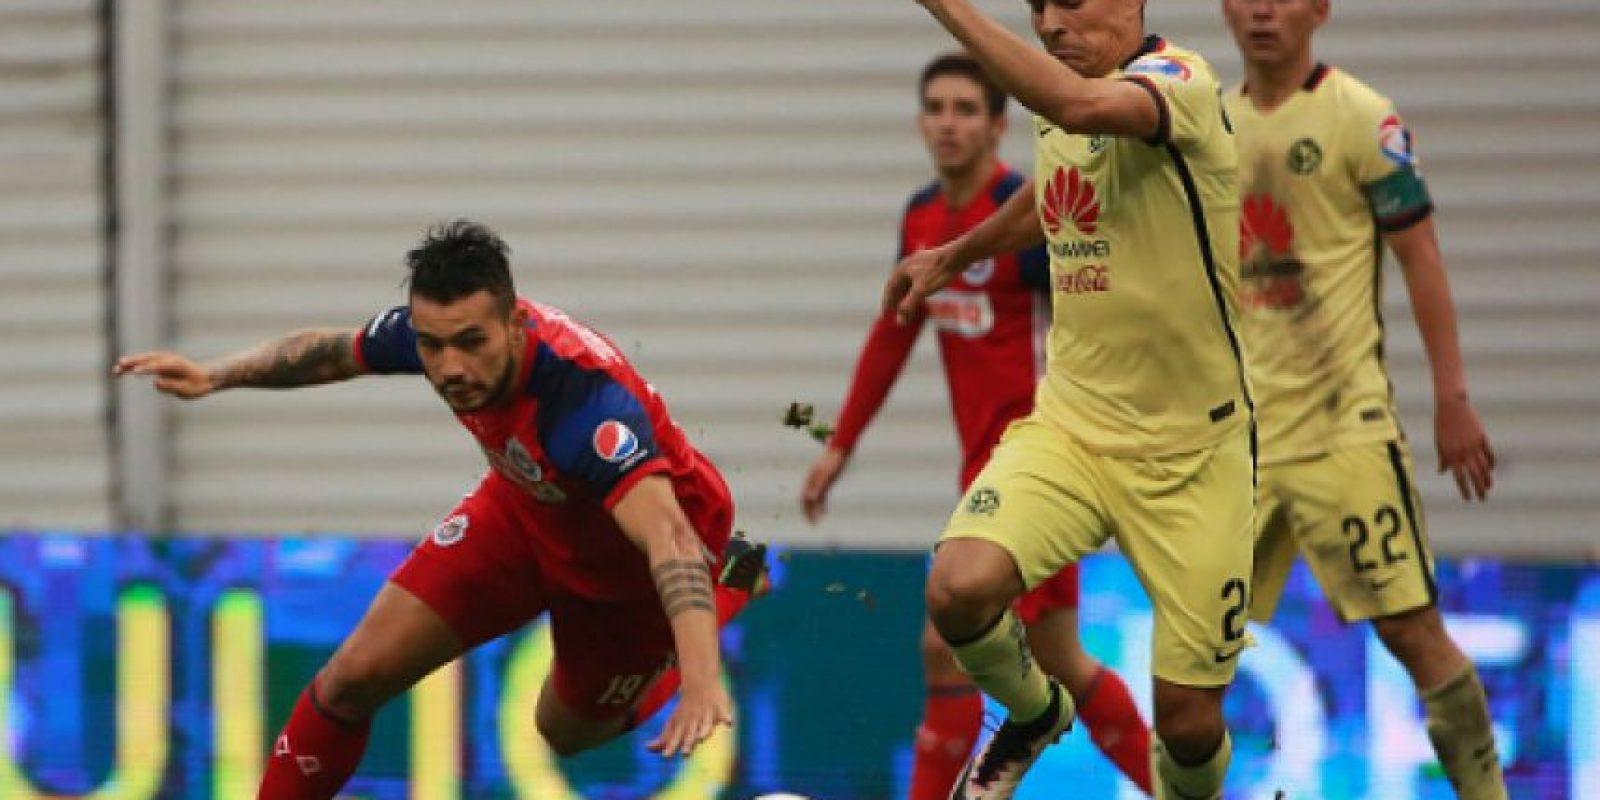 La venganza de Televisa contra Chivas Foto:Getty Images